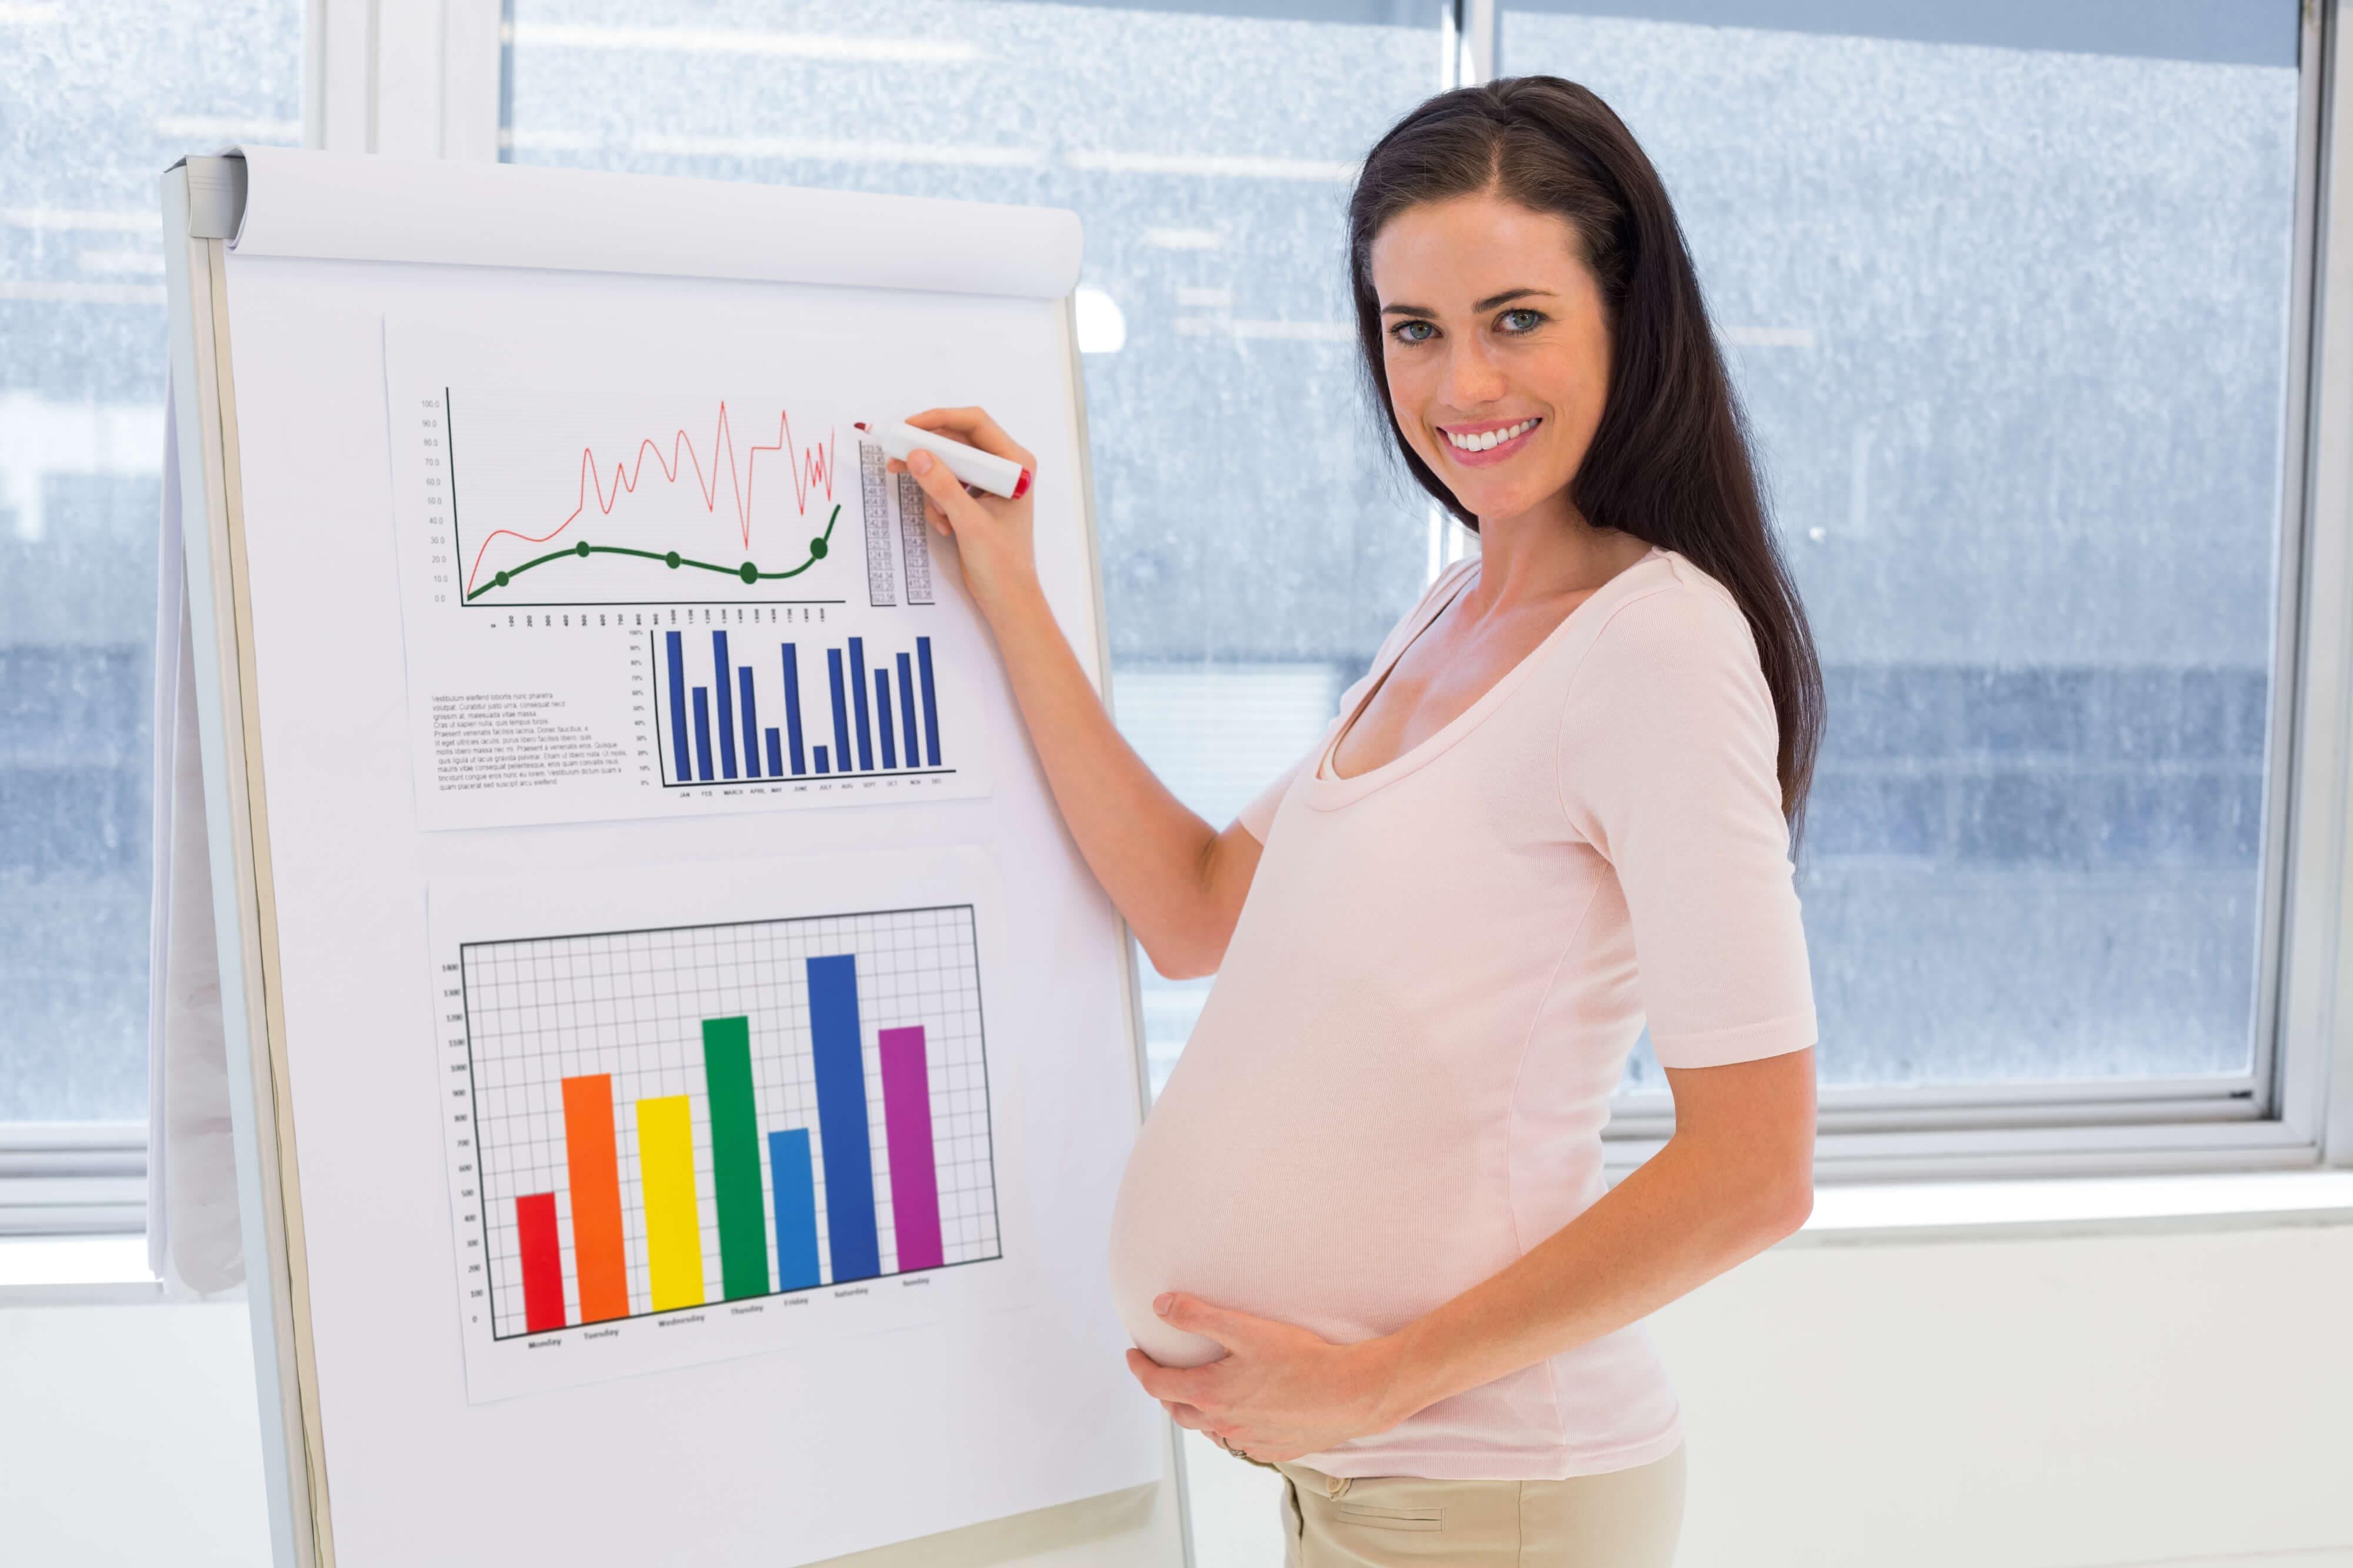 【調査】妊活と仕事って両立できるの?